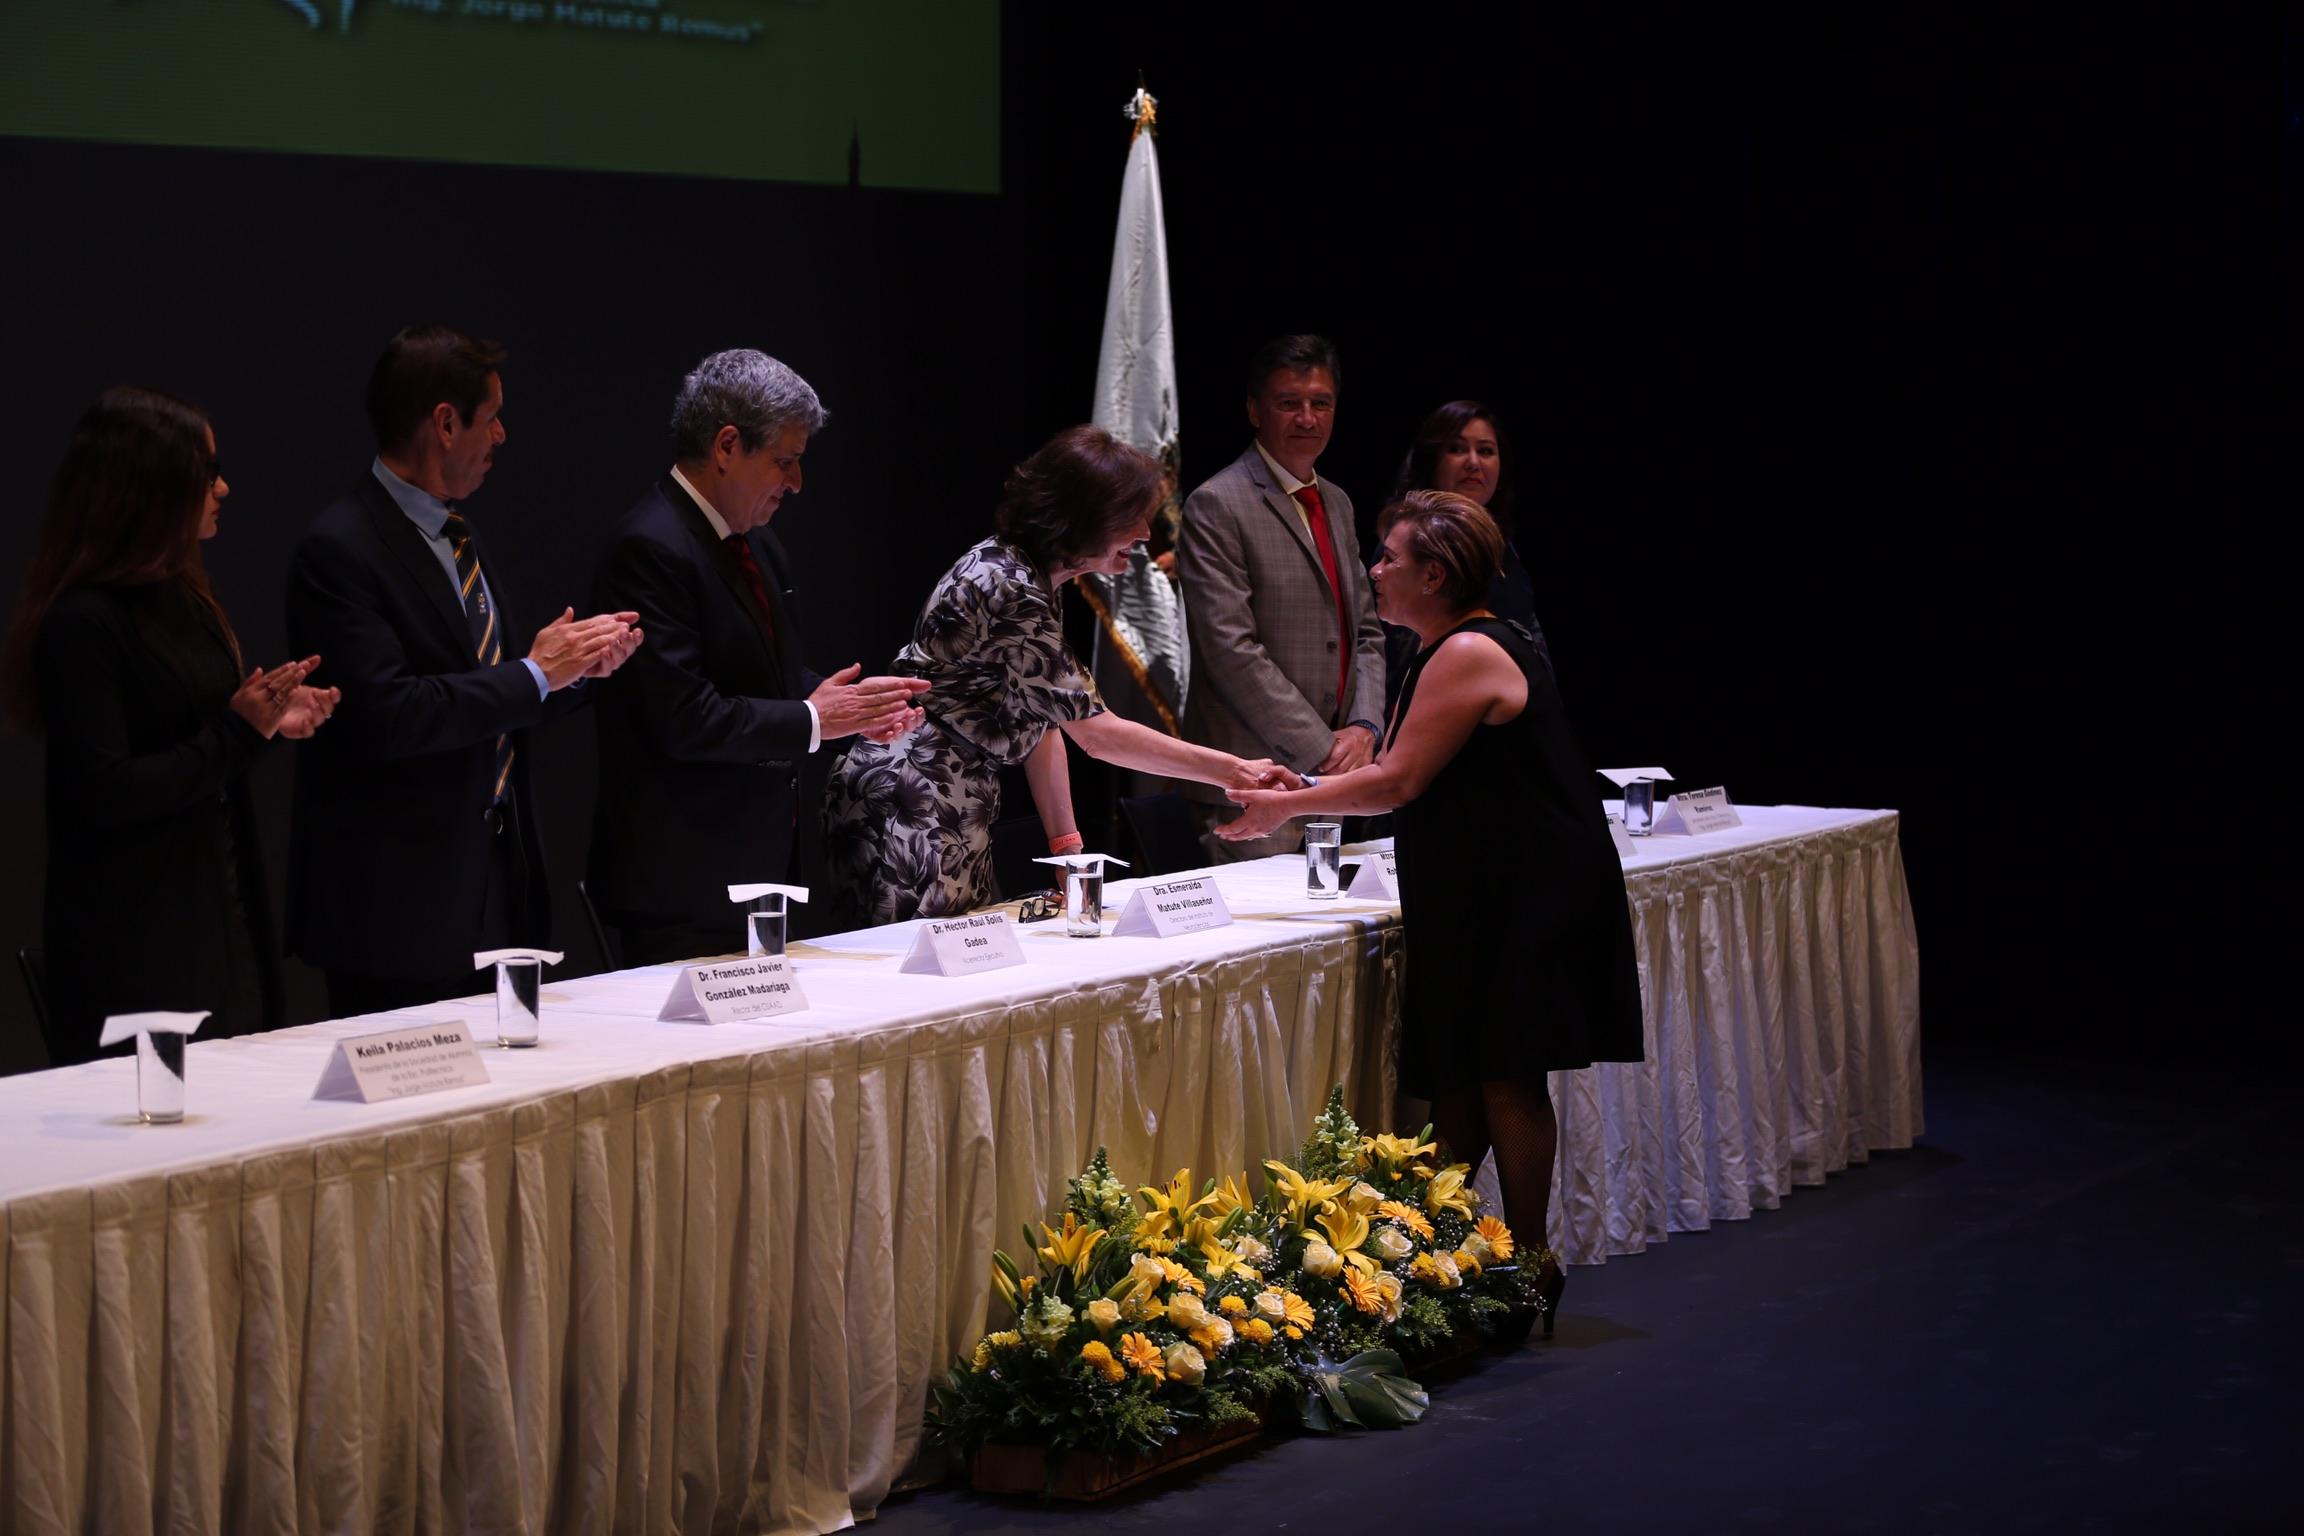 Recibe la presea La administrativa, licenciada Ana Griselda Chávez Pereyra (con 39 años de antigüedad)